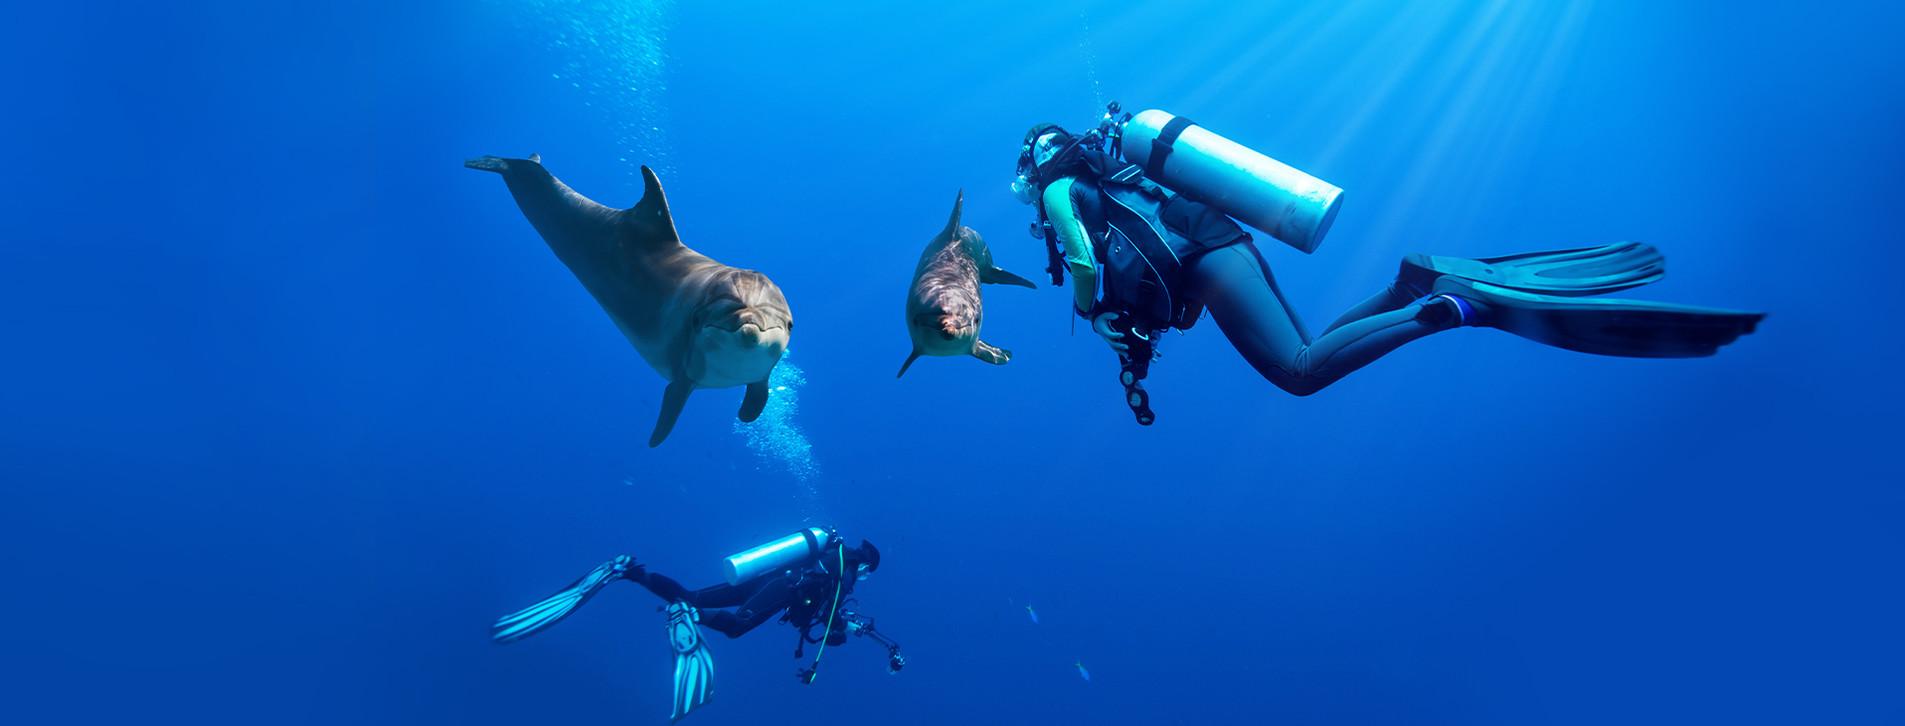 Фото 1 - Дайвинг с дельфинами для двоих